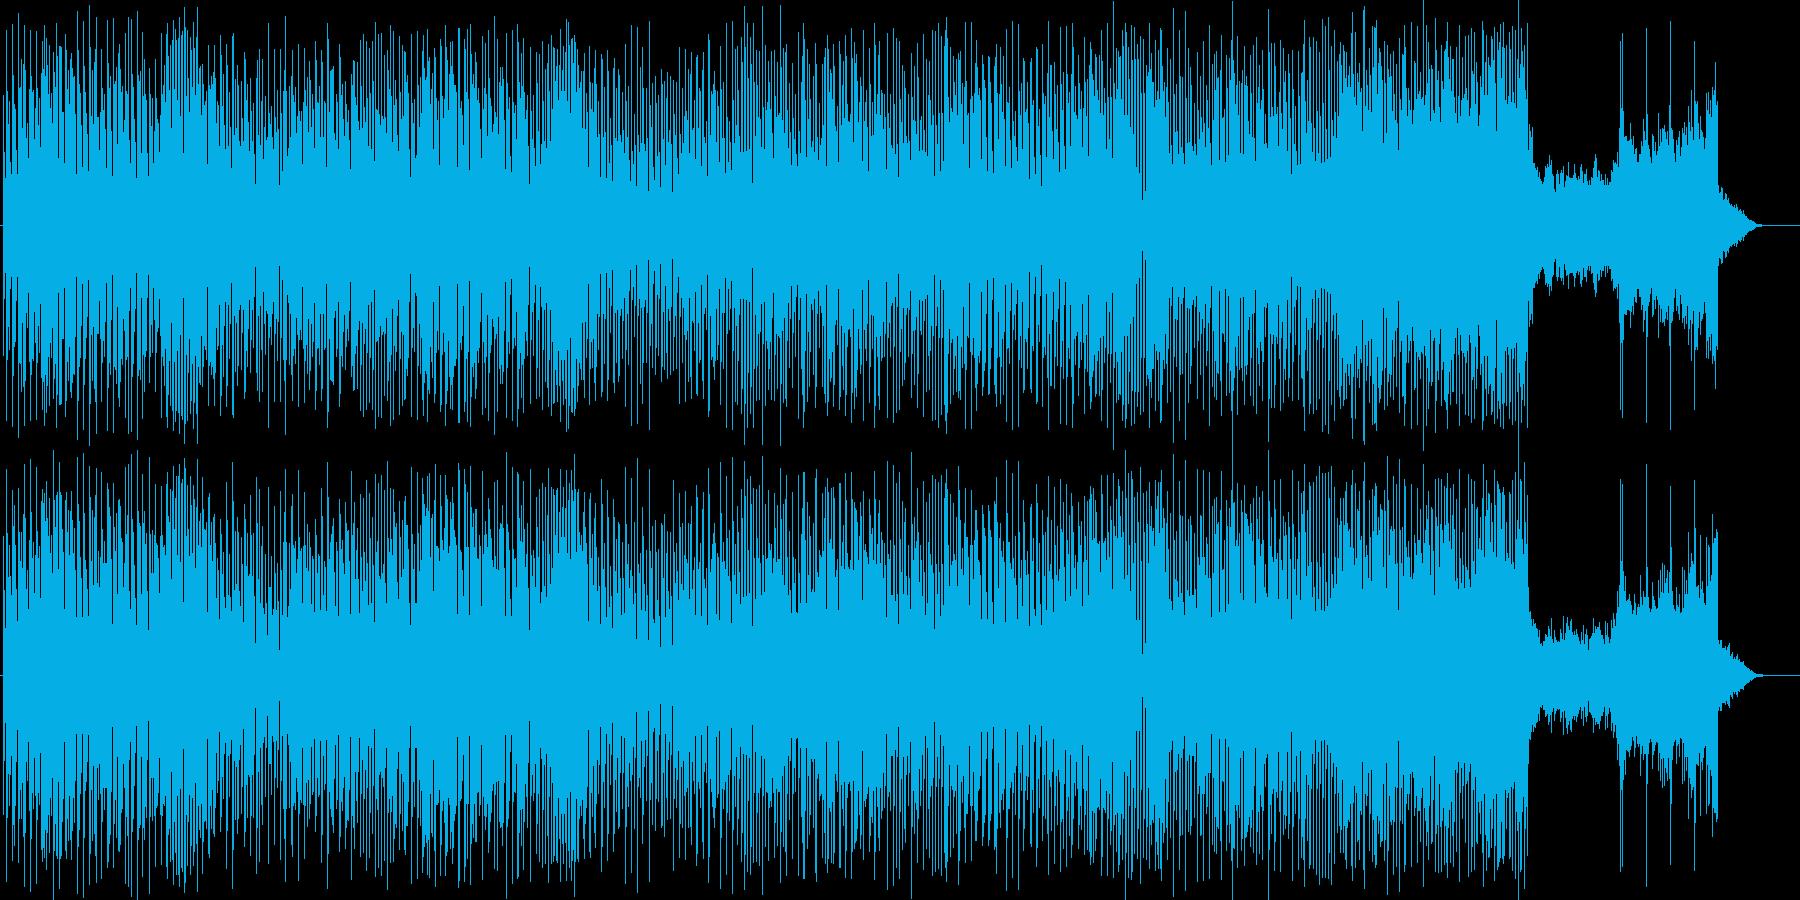 ノスタルジック感があり、風情を感じる曲の再生済みの波形